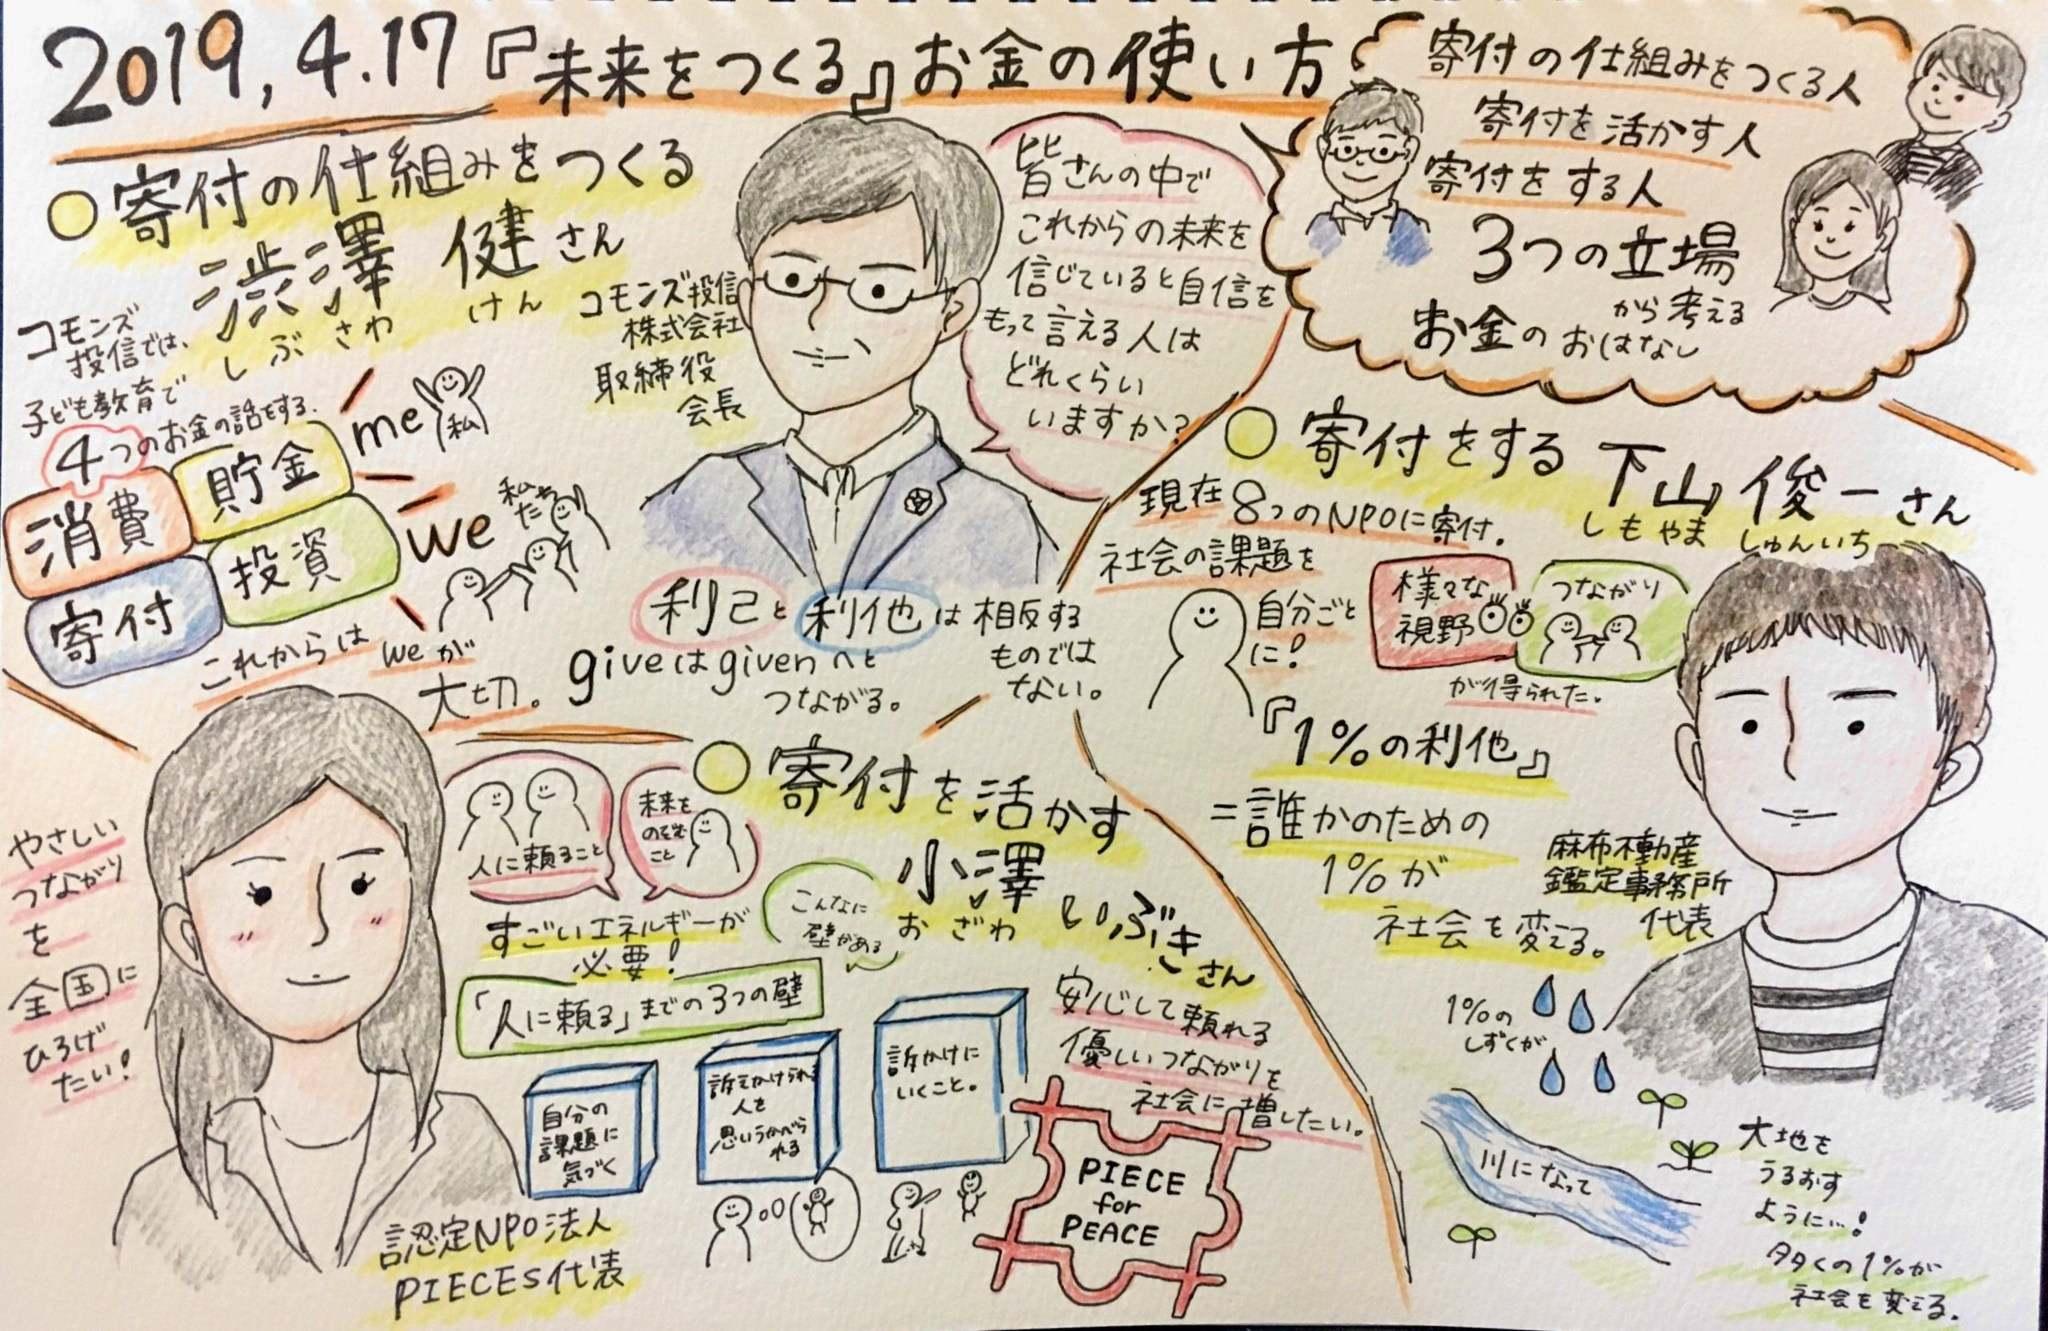 グラフィックレポート:PIECESインターン 濱口 芽生